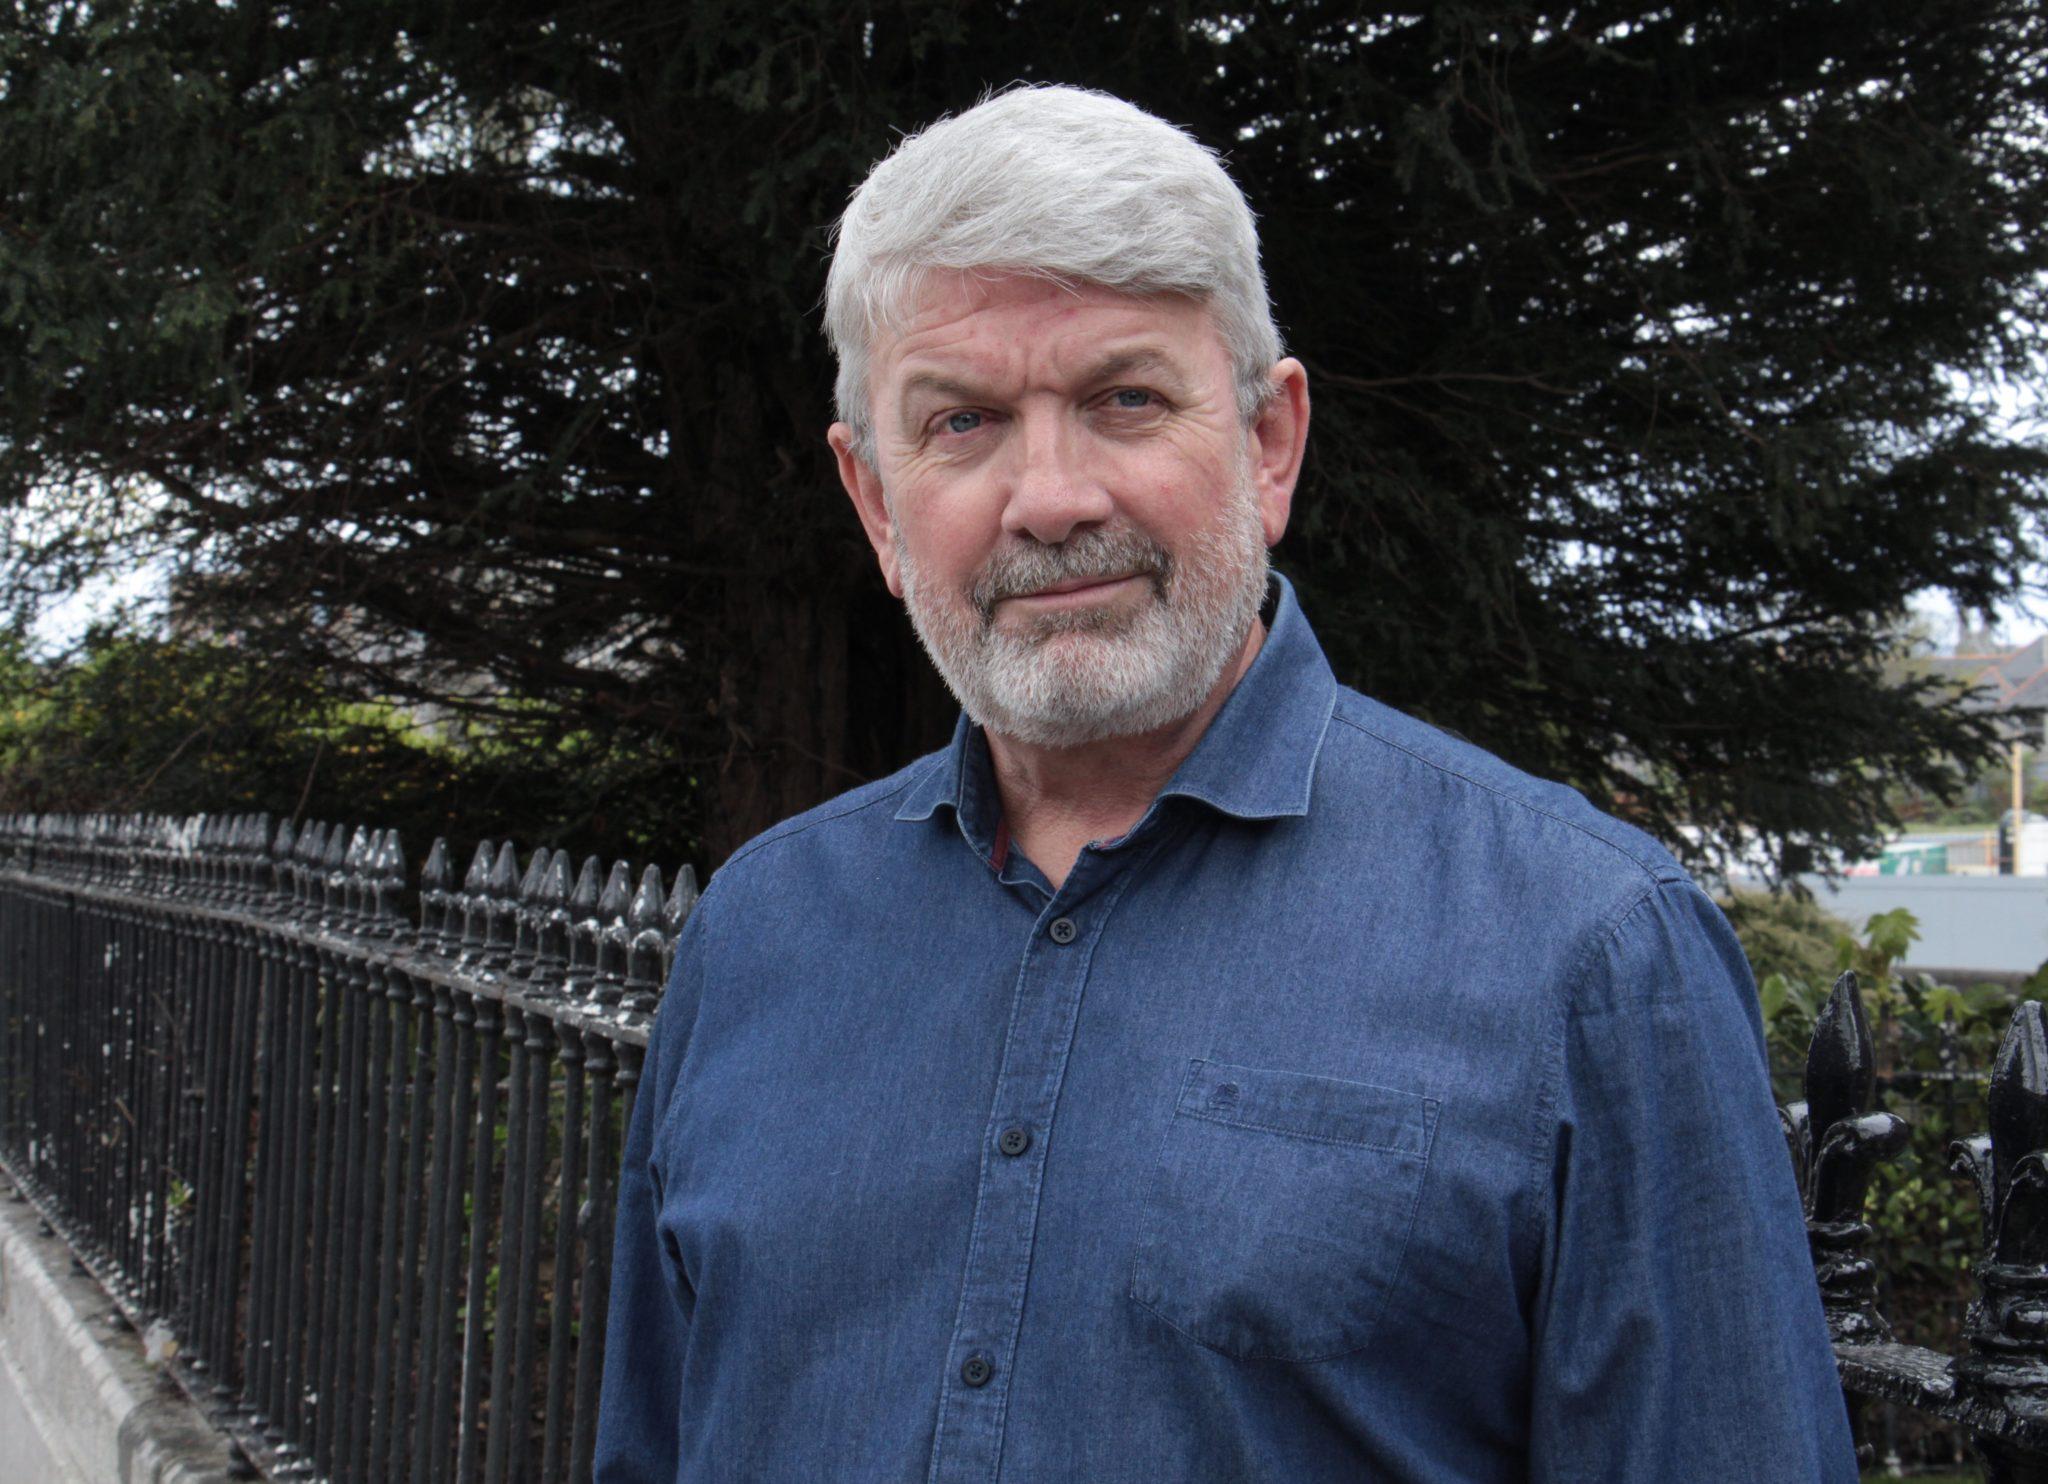 Dublin taxi driver Ray Sludds